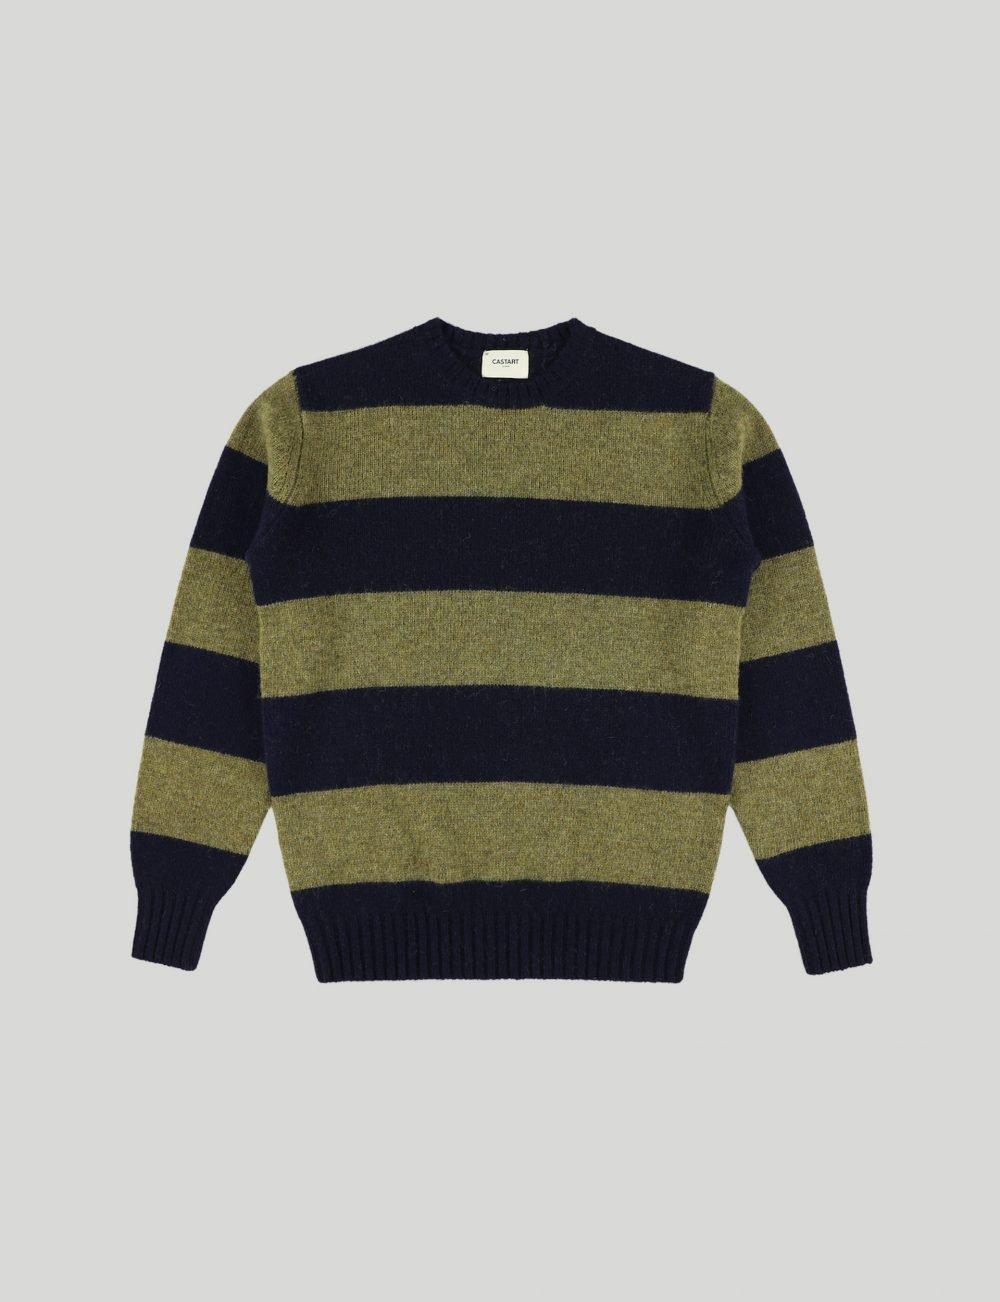 Castart - Poppelino Knitwear - Khaki